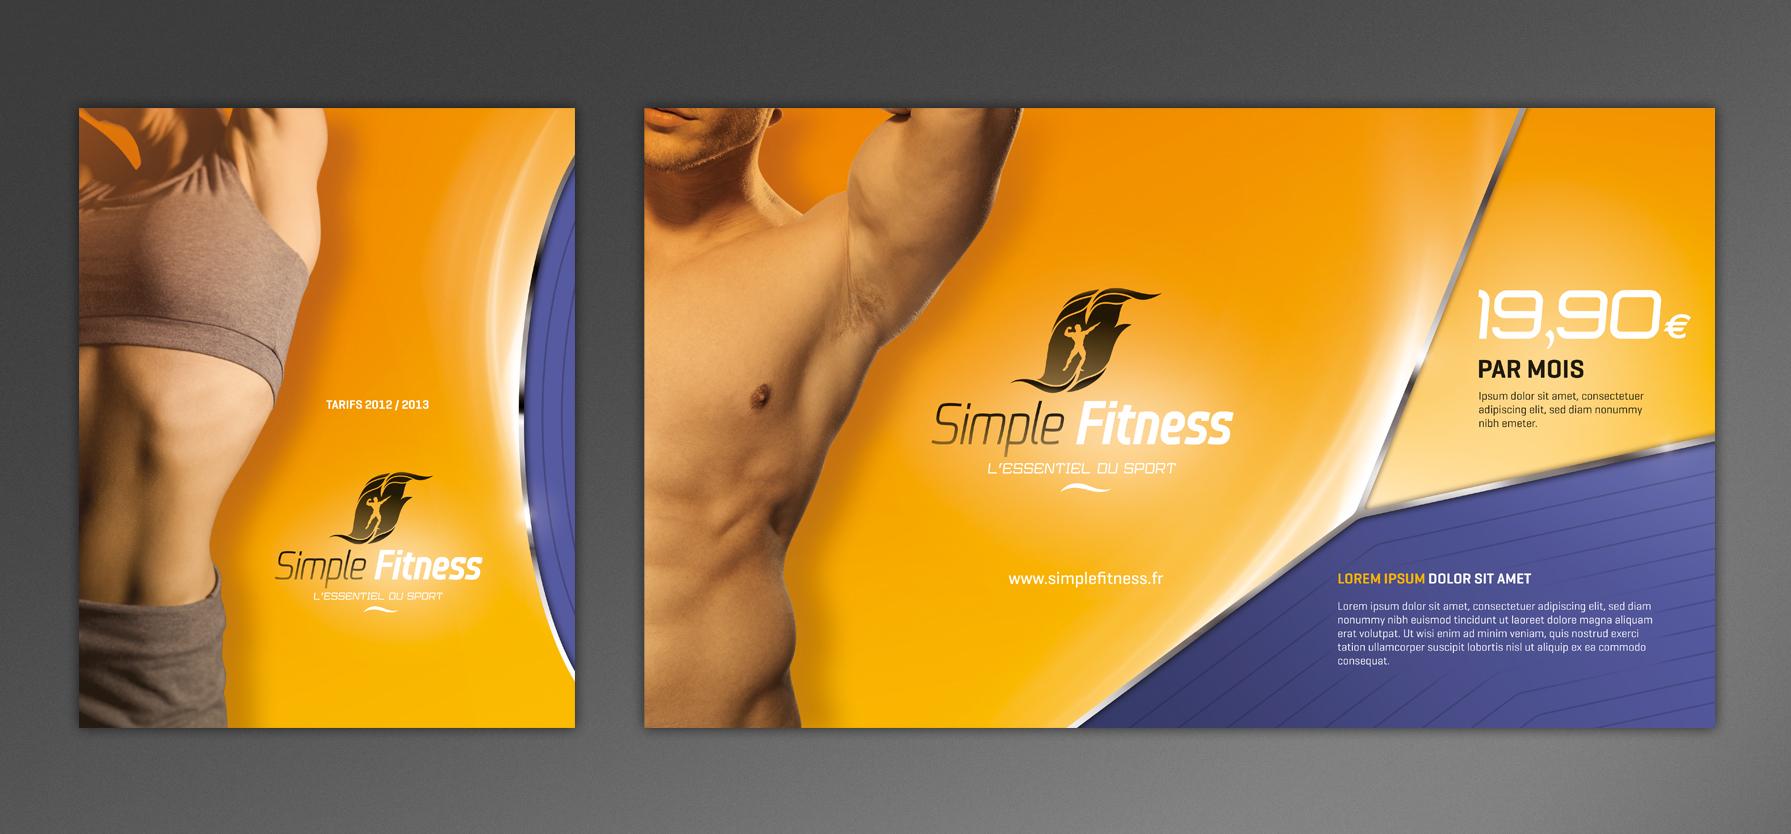 simple_fitness_identite_visuelle-04